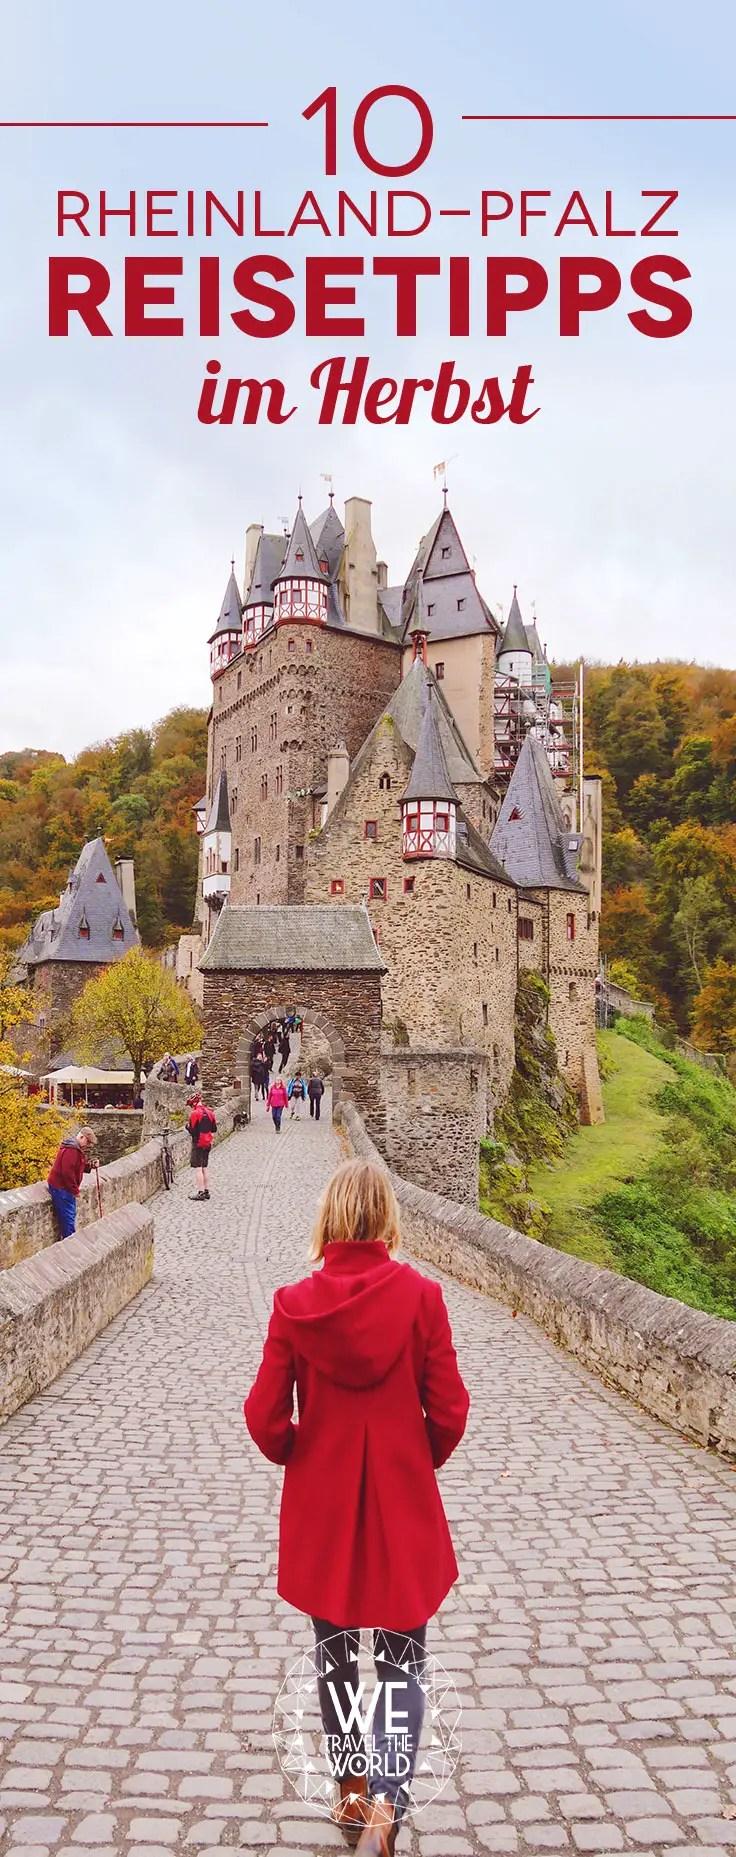 Reisetipps Rheinland-Pfalz